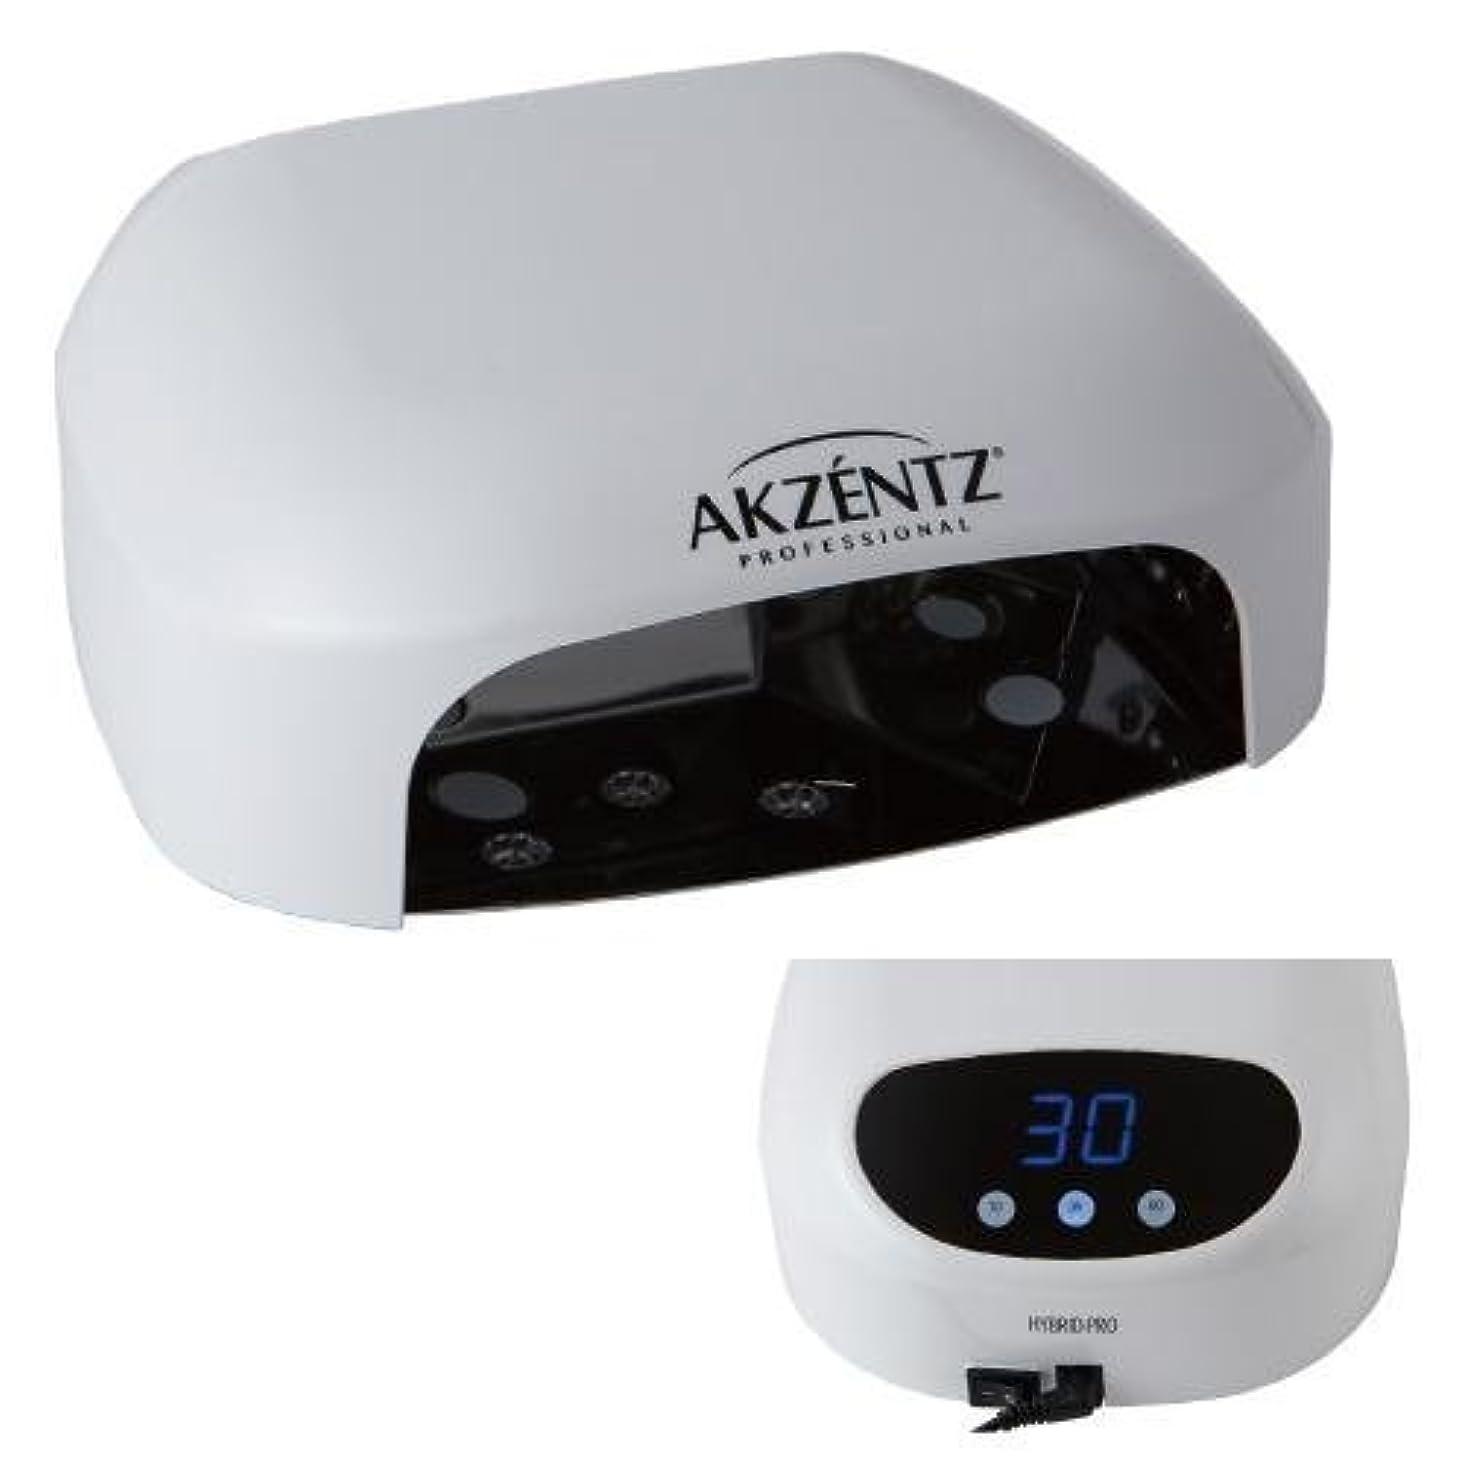 グレートオークラバ妖精AKZENTZ(アクセンツ) ハイブリットプロLEDランプ 36W/タイマー付き